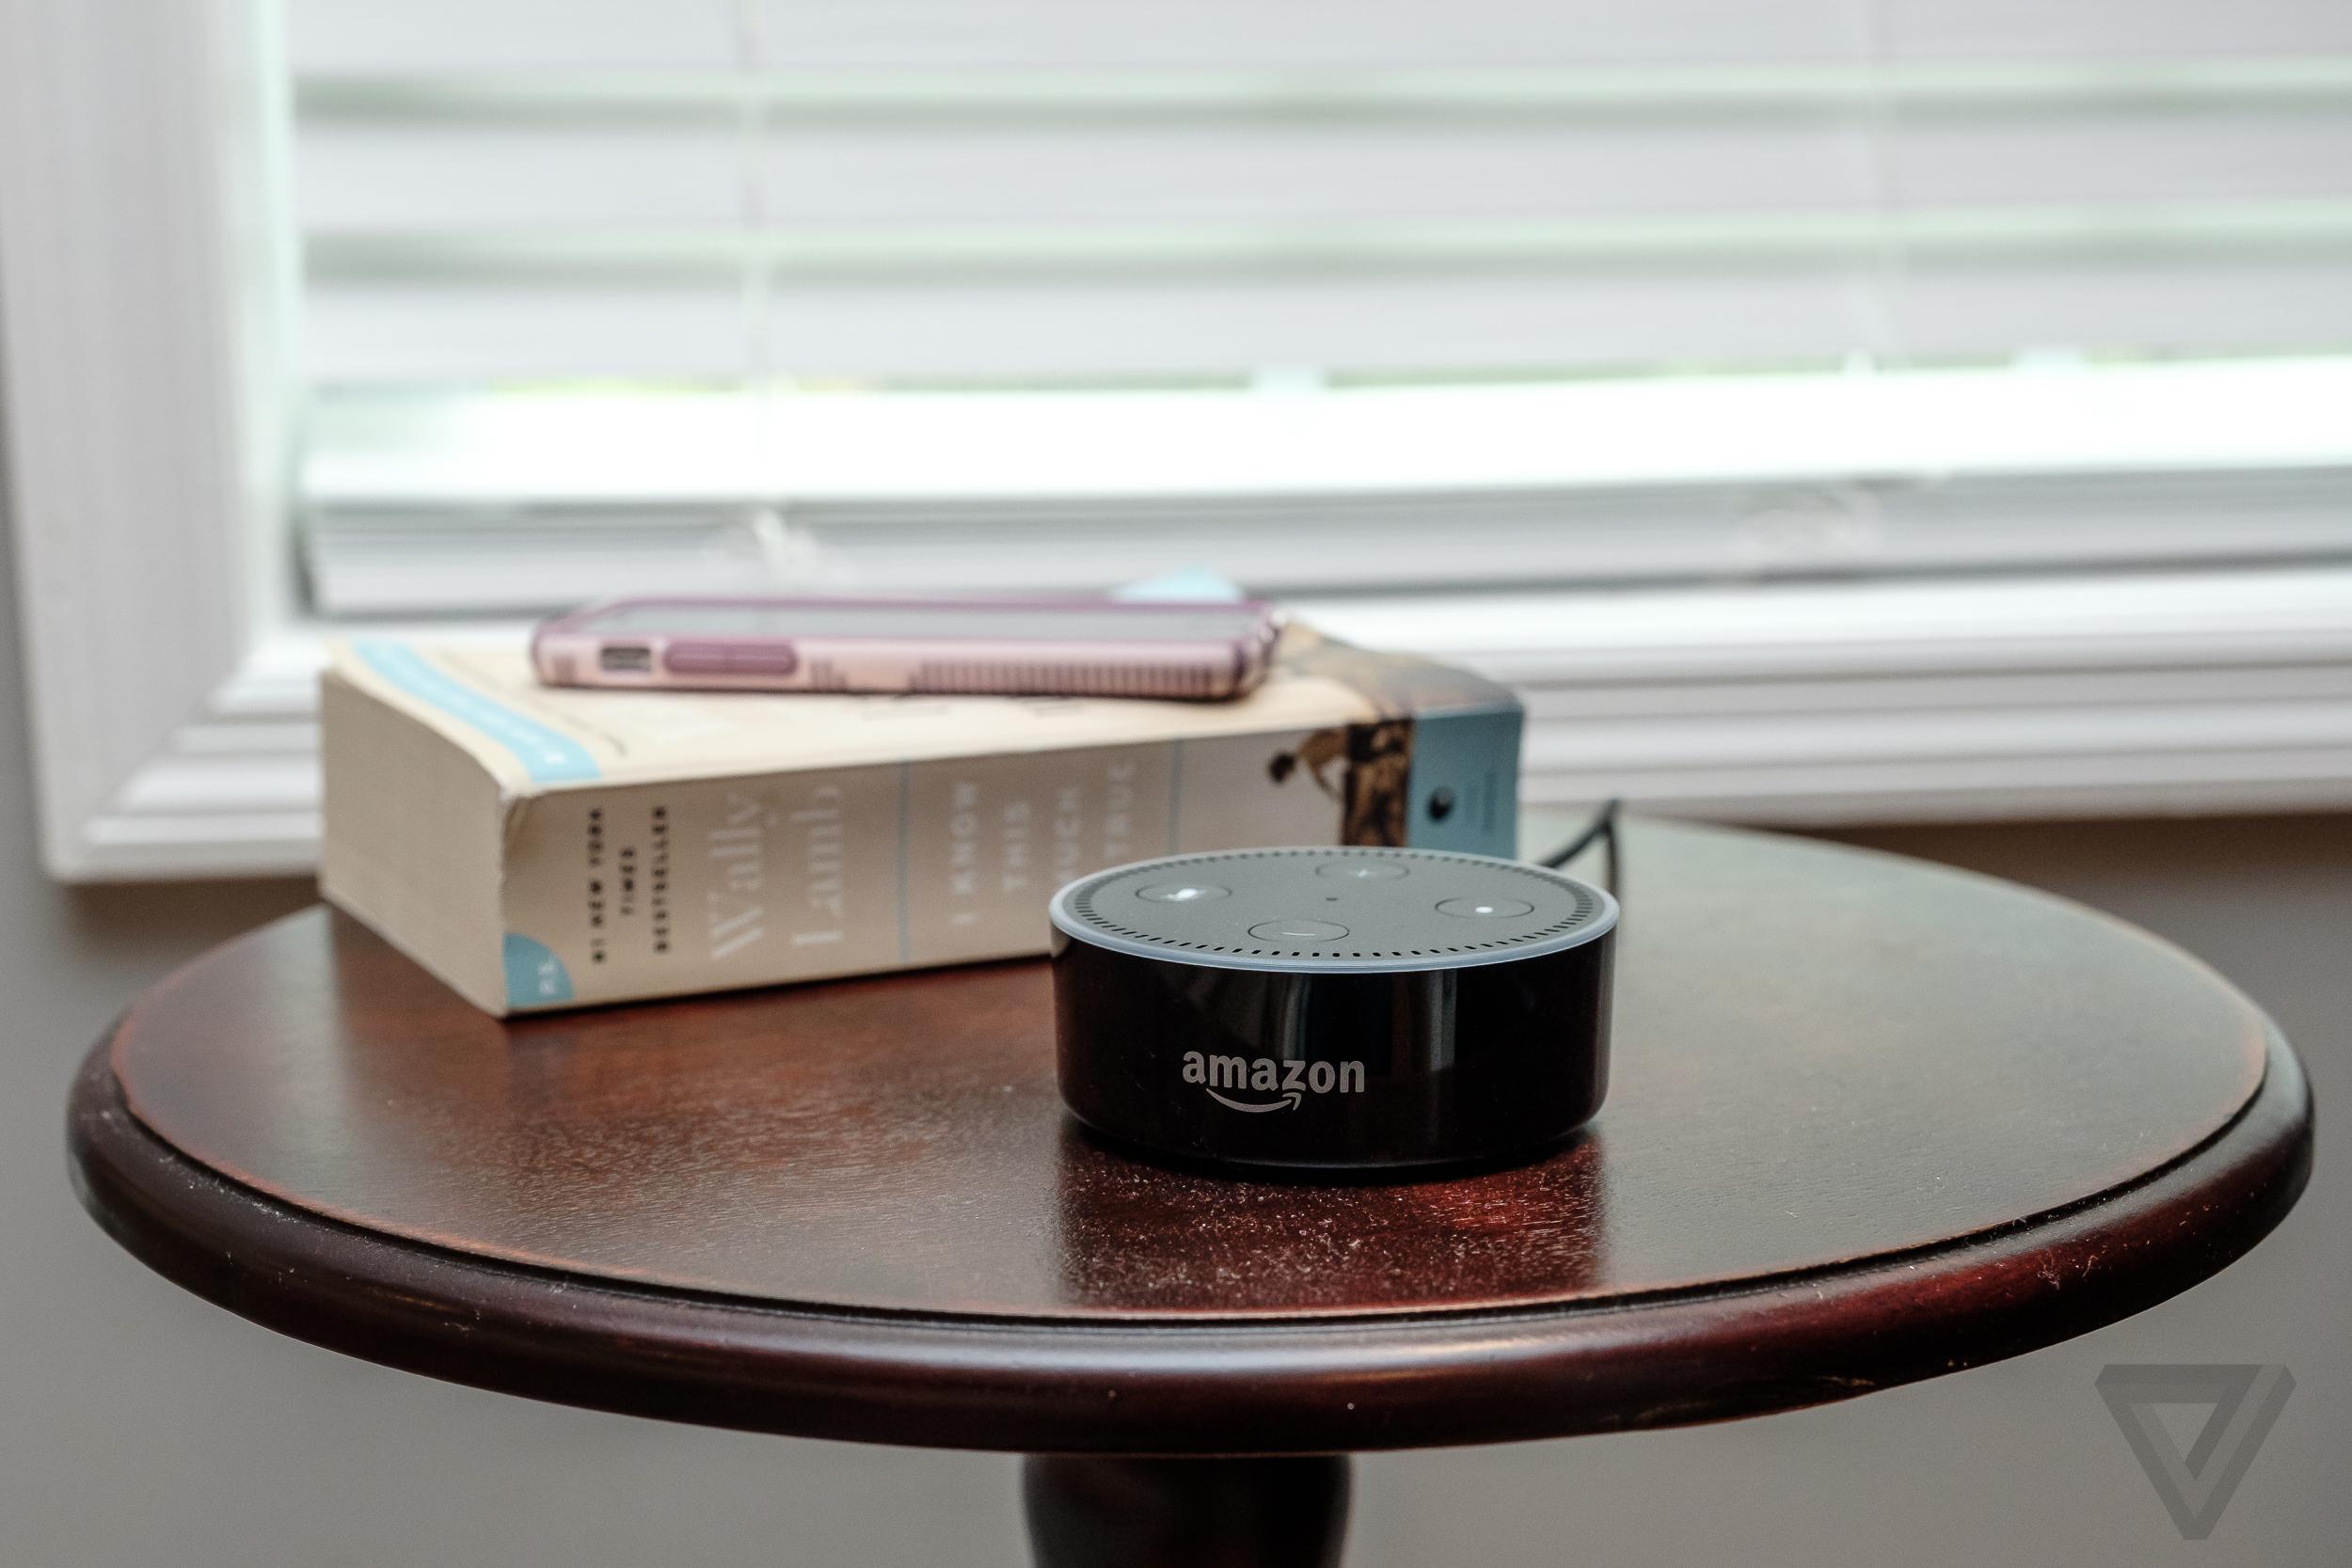 Amazon owns my Echo I m just feeding it